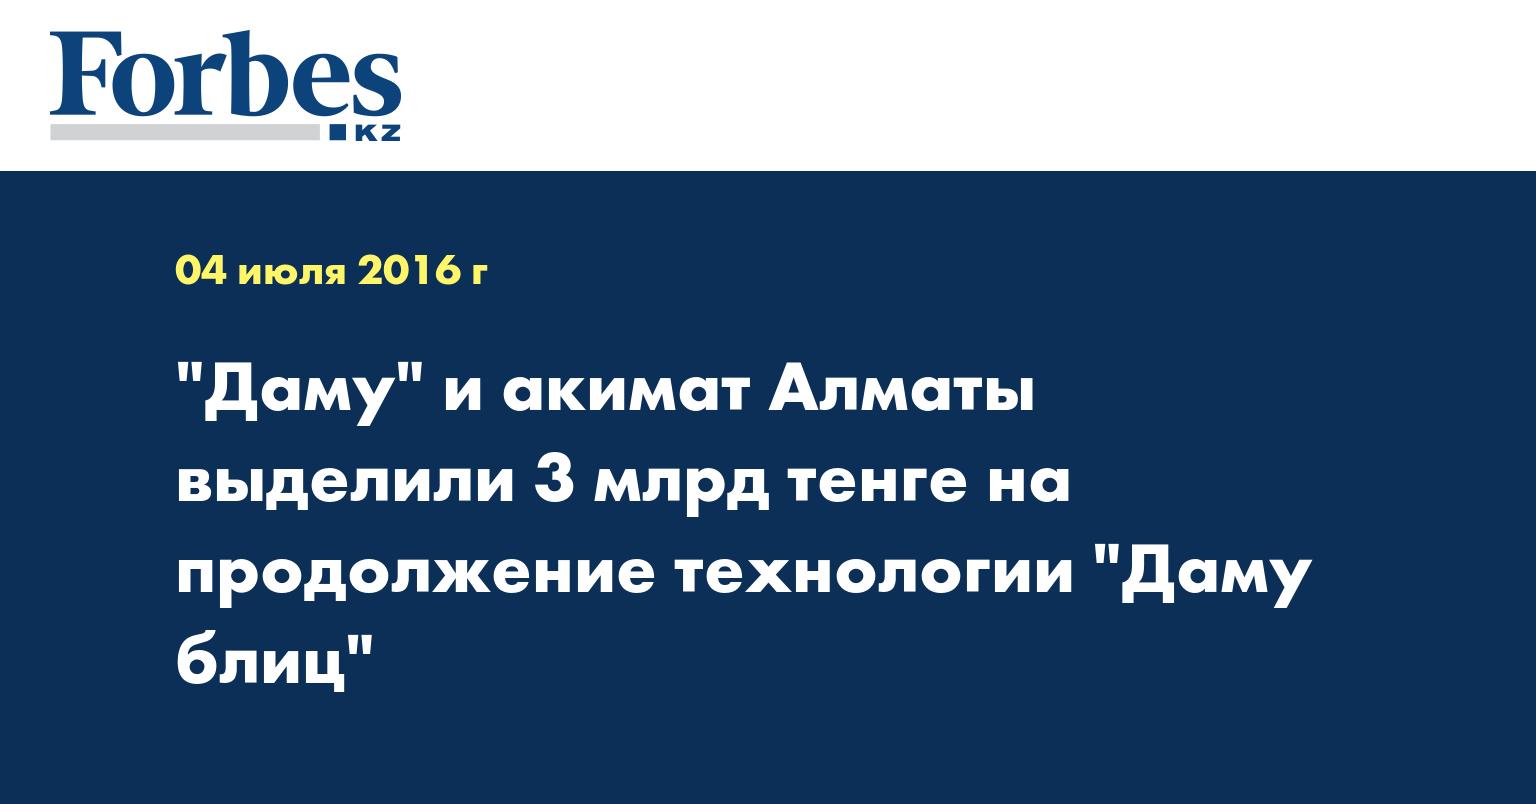 """""""Даму"""" и акимат Алматы выделили 3 млрд тенге на продолжение технологии """"Даму блиц"""""""